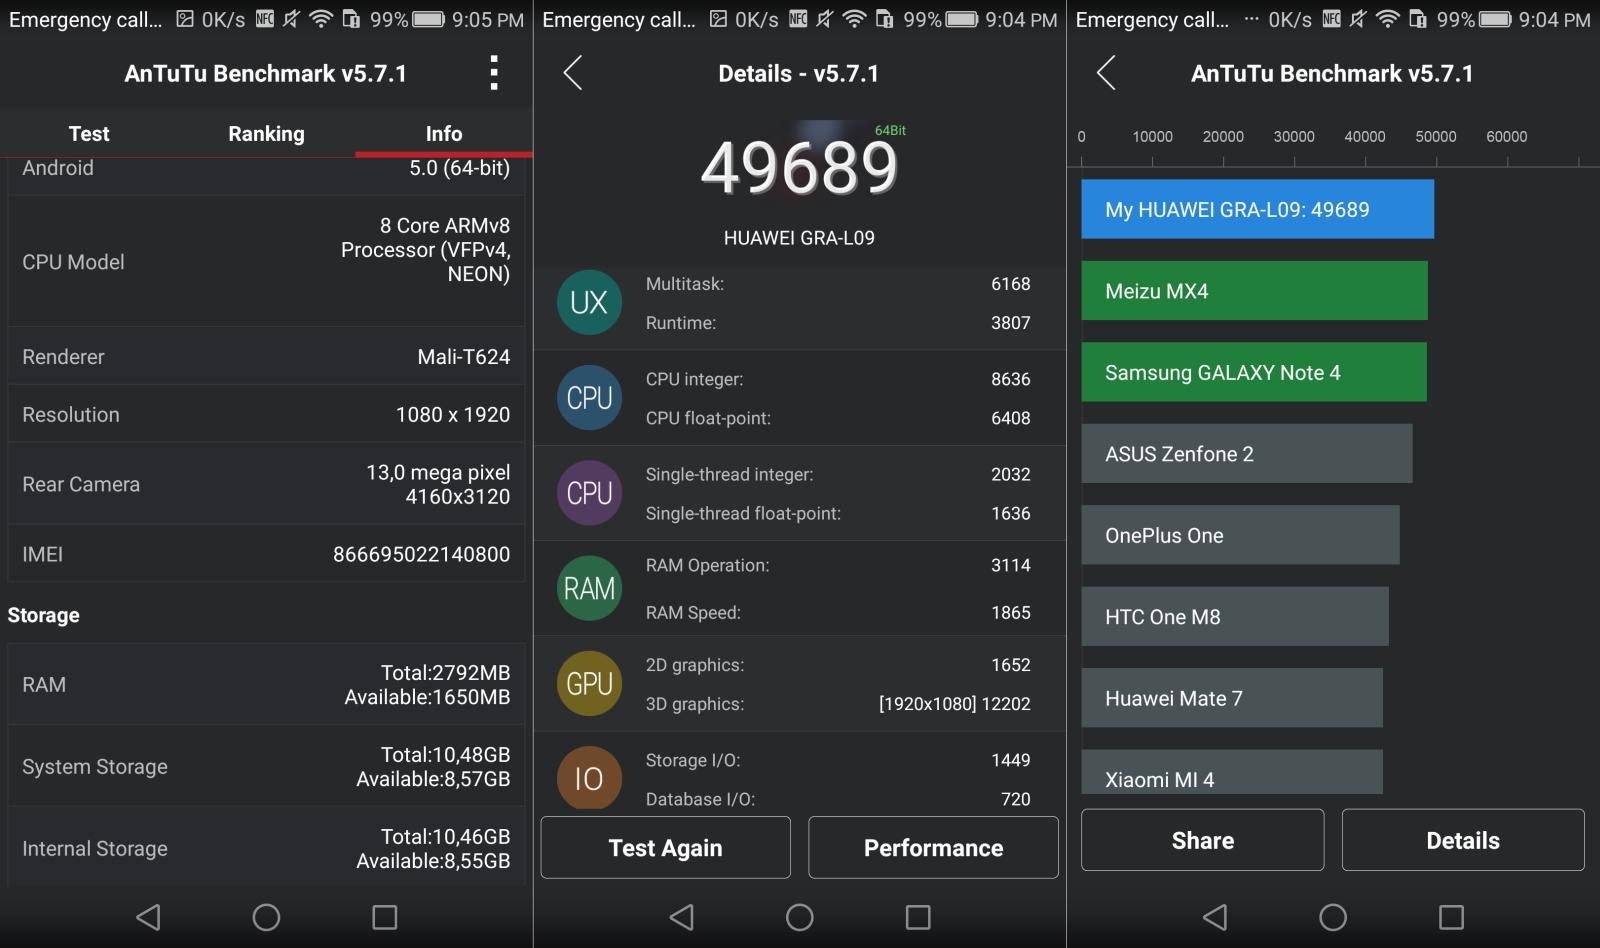 Huawei P8 antutu benchmarks